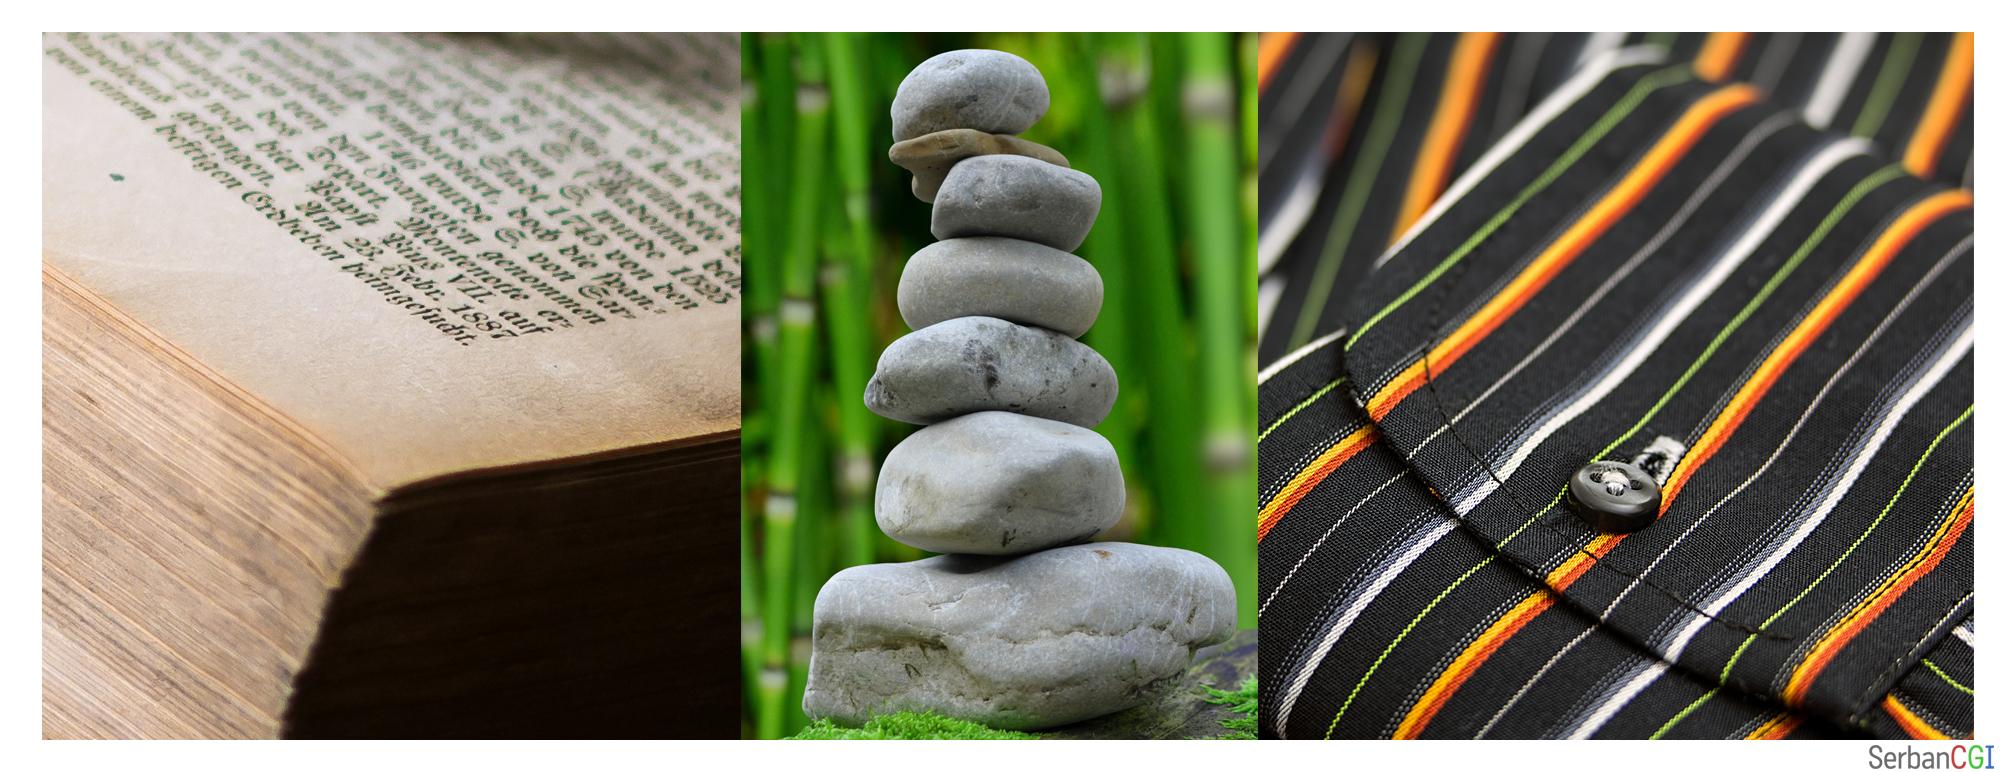 Materialele precum hârtia, roca si unele textile produc reflexie difuză.